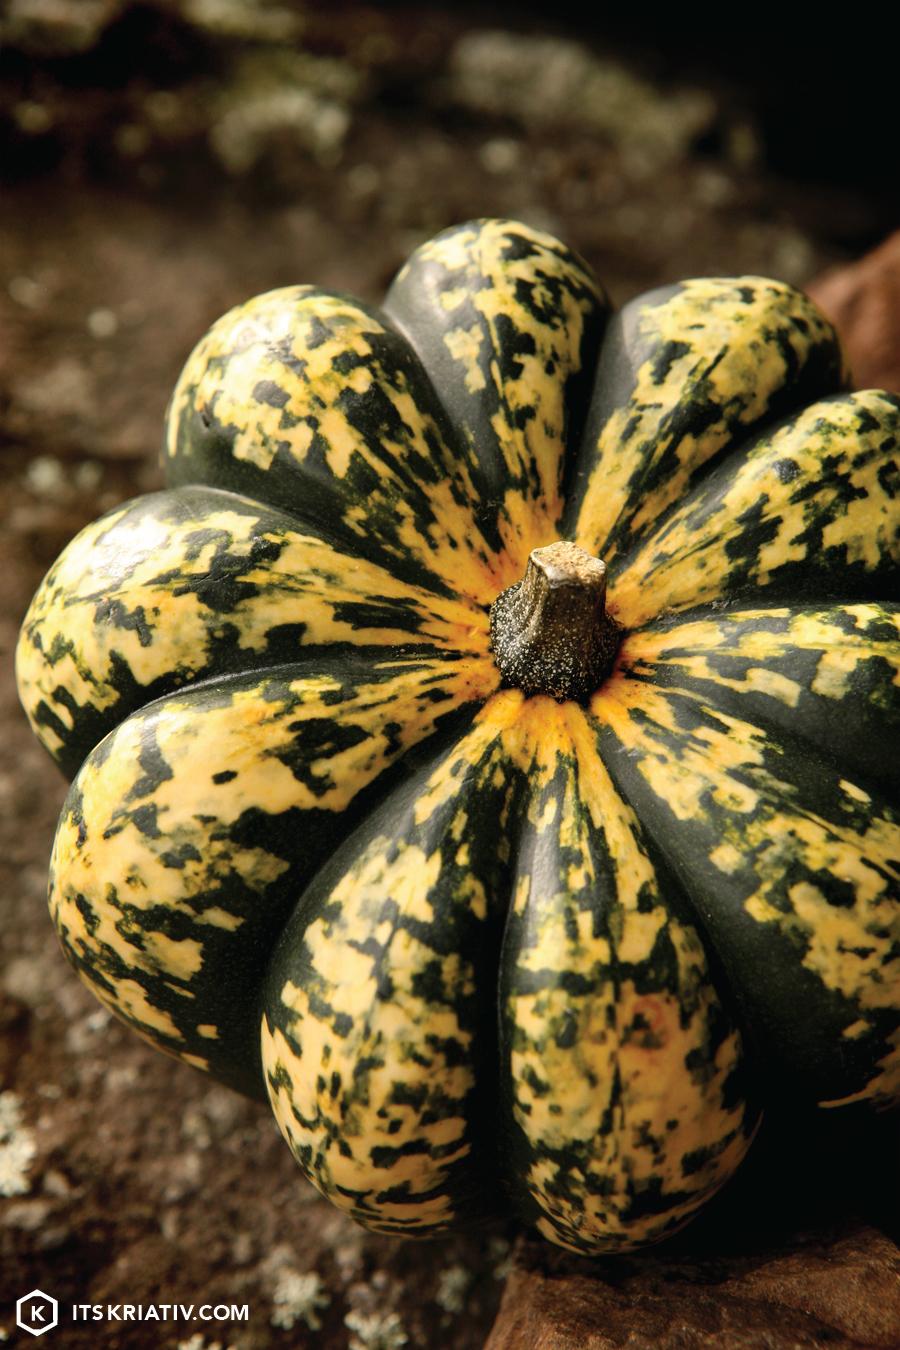 13_Nov_Food-Squash-Rings-03.jpg